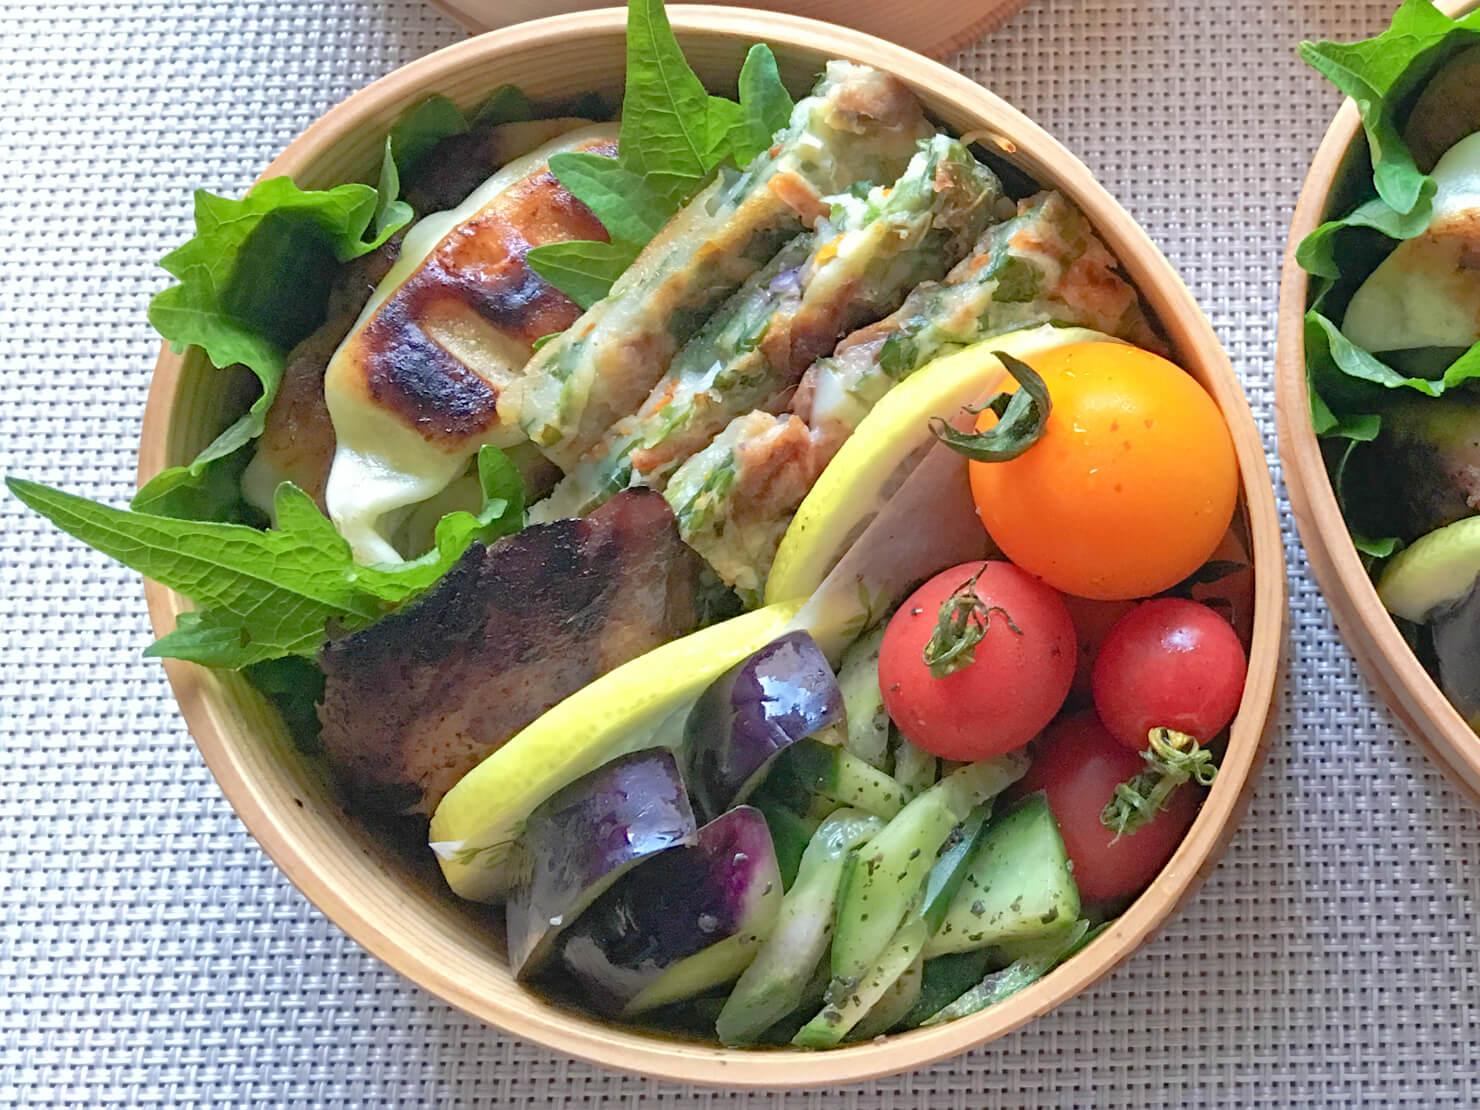 モロヘイヤのチヂミ中心のお弁当の写真